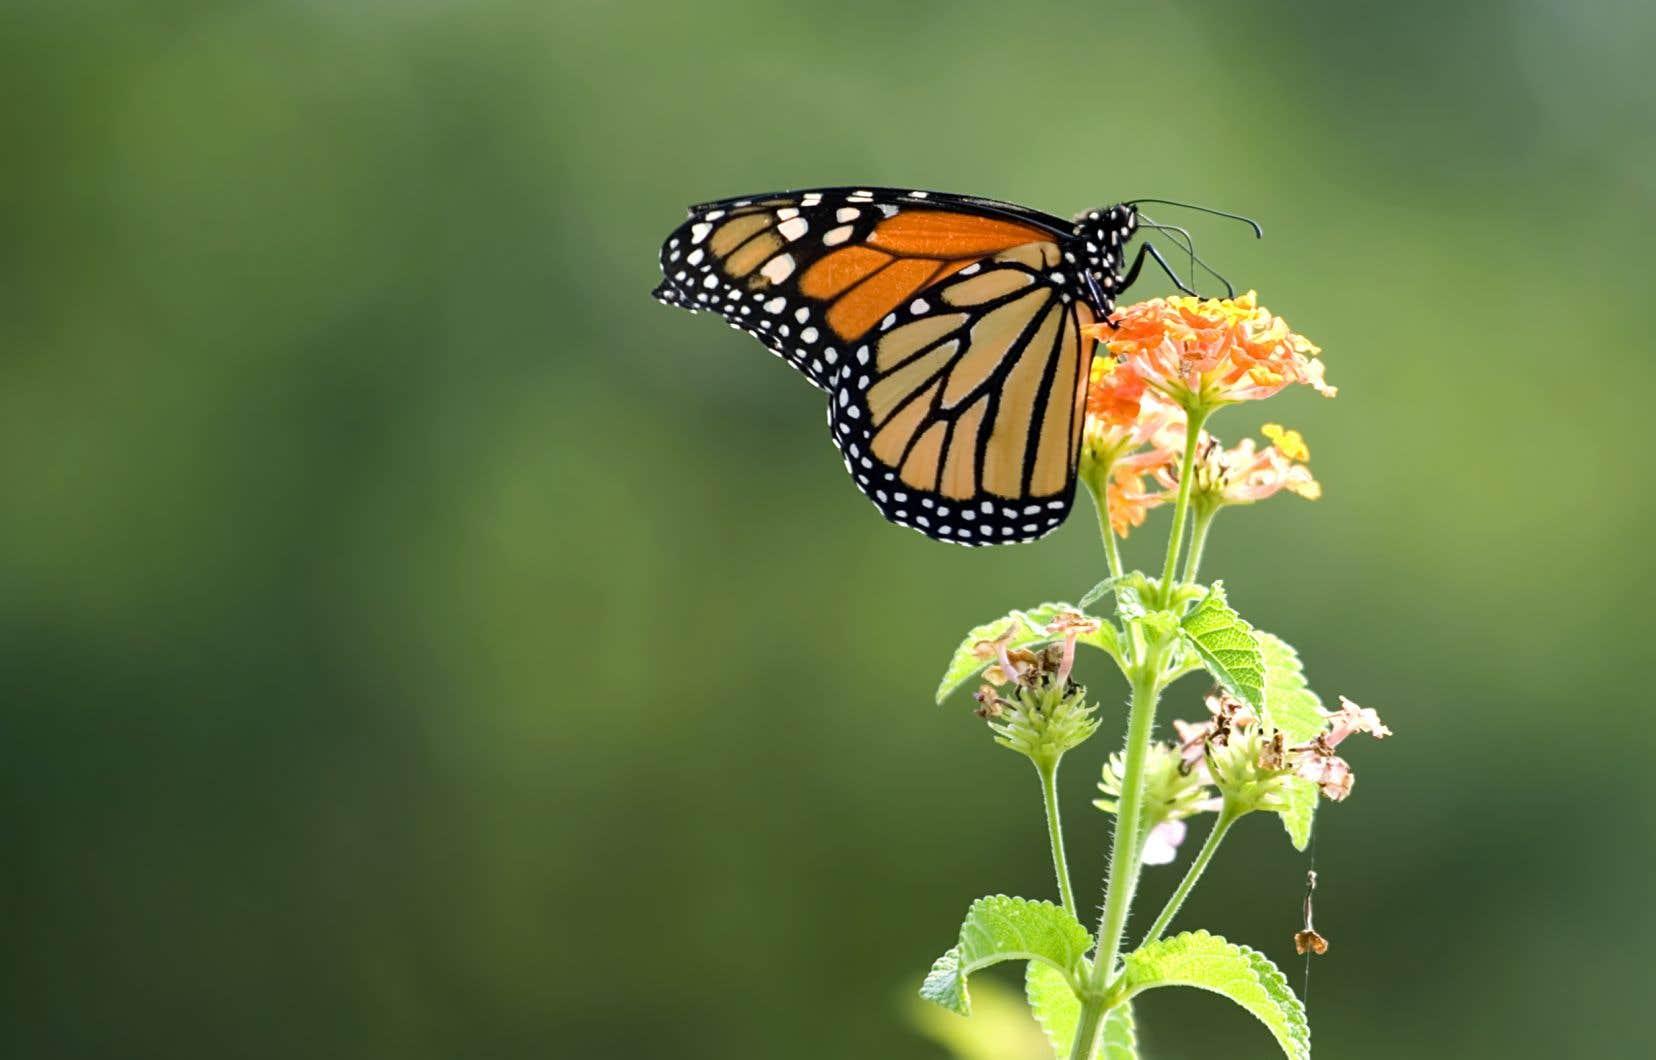 La perte d'habitat entraînée par la déforestation et les intempéries associées aux changements climatiques sont les principaux responsables du déclin de papillons monarques.